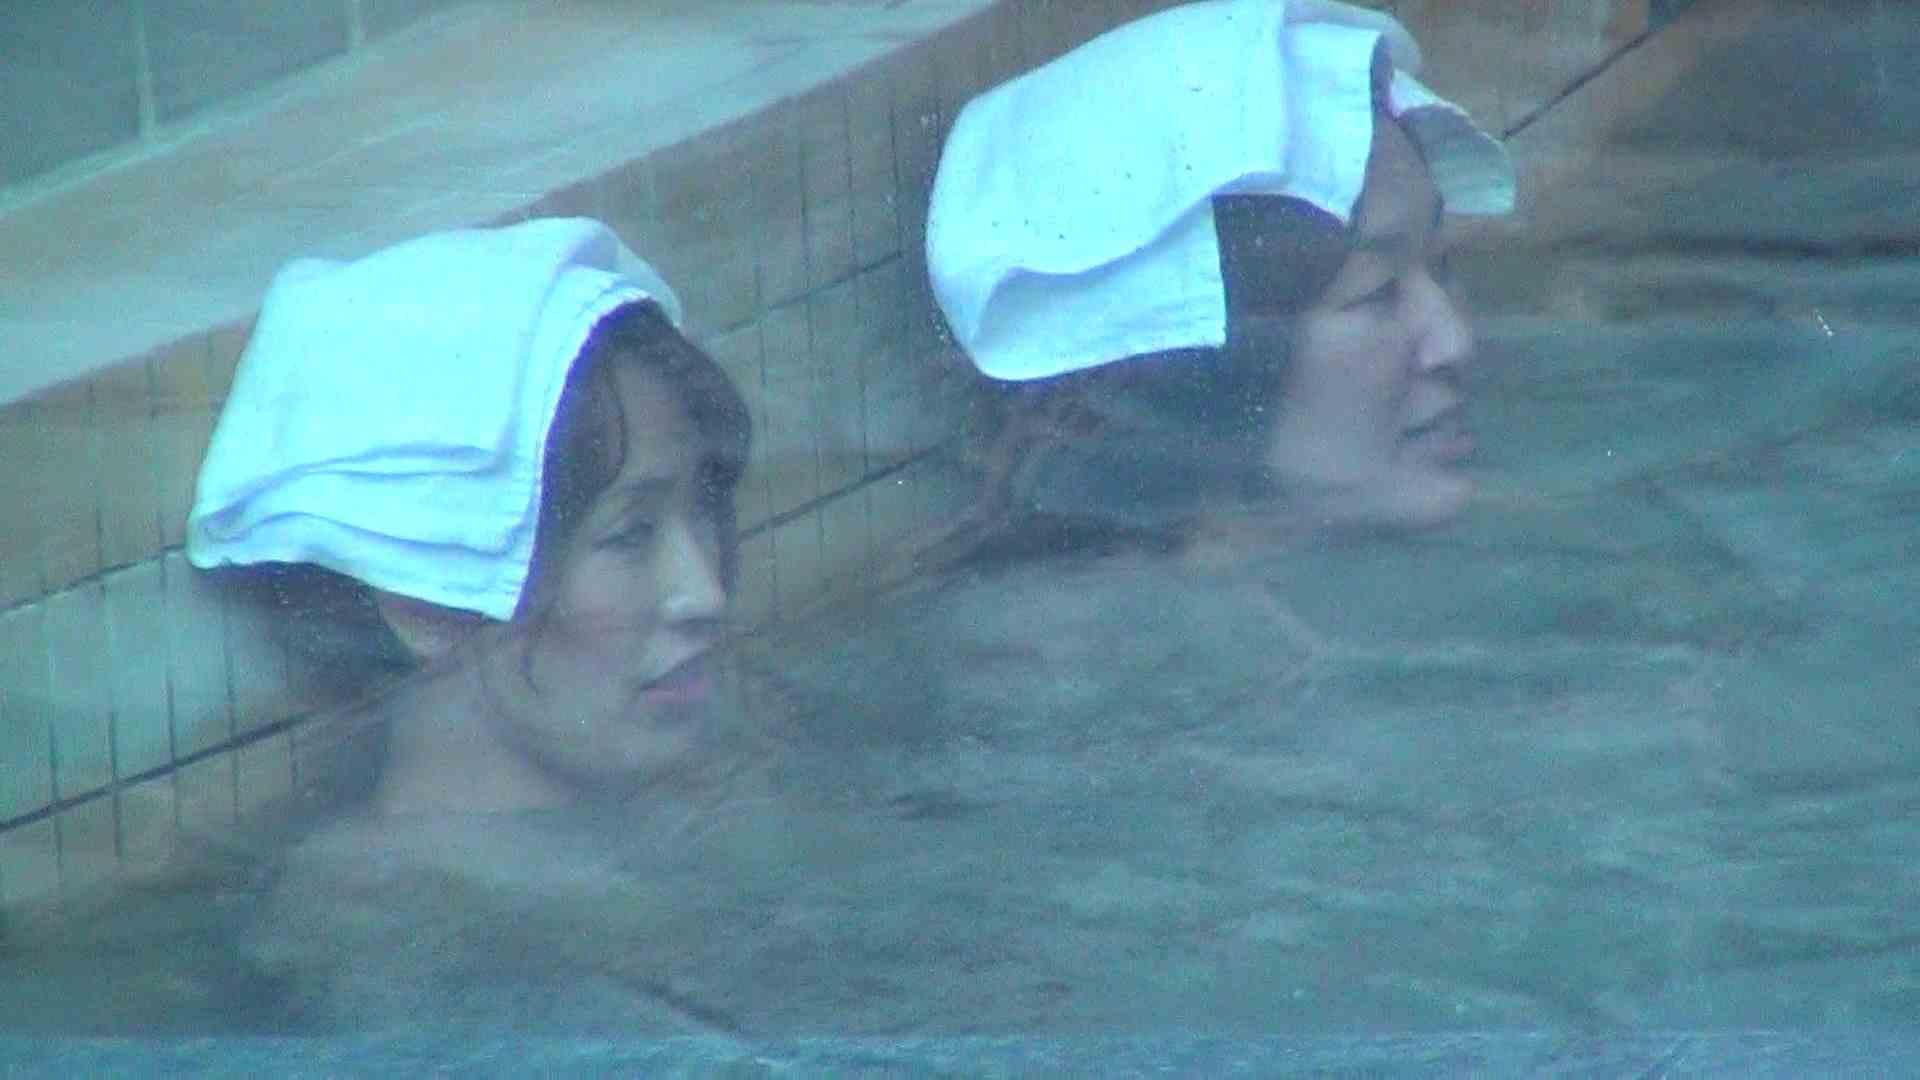 Aquaな露天風呂Vol.272 露天 | OLエロ画像  99PICs 28